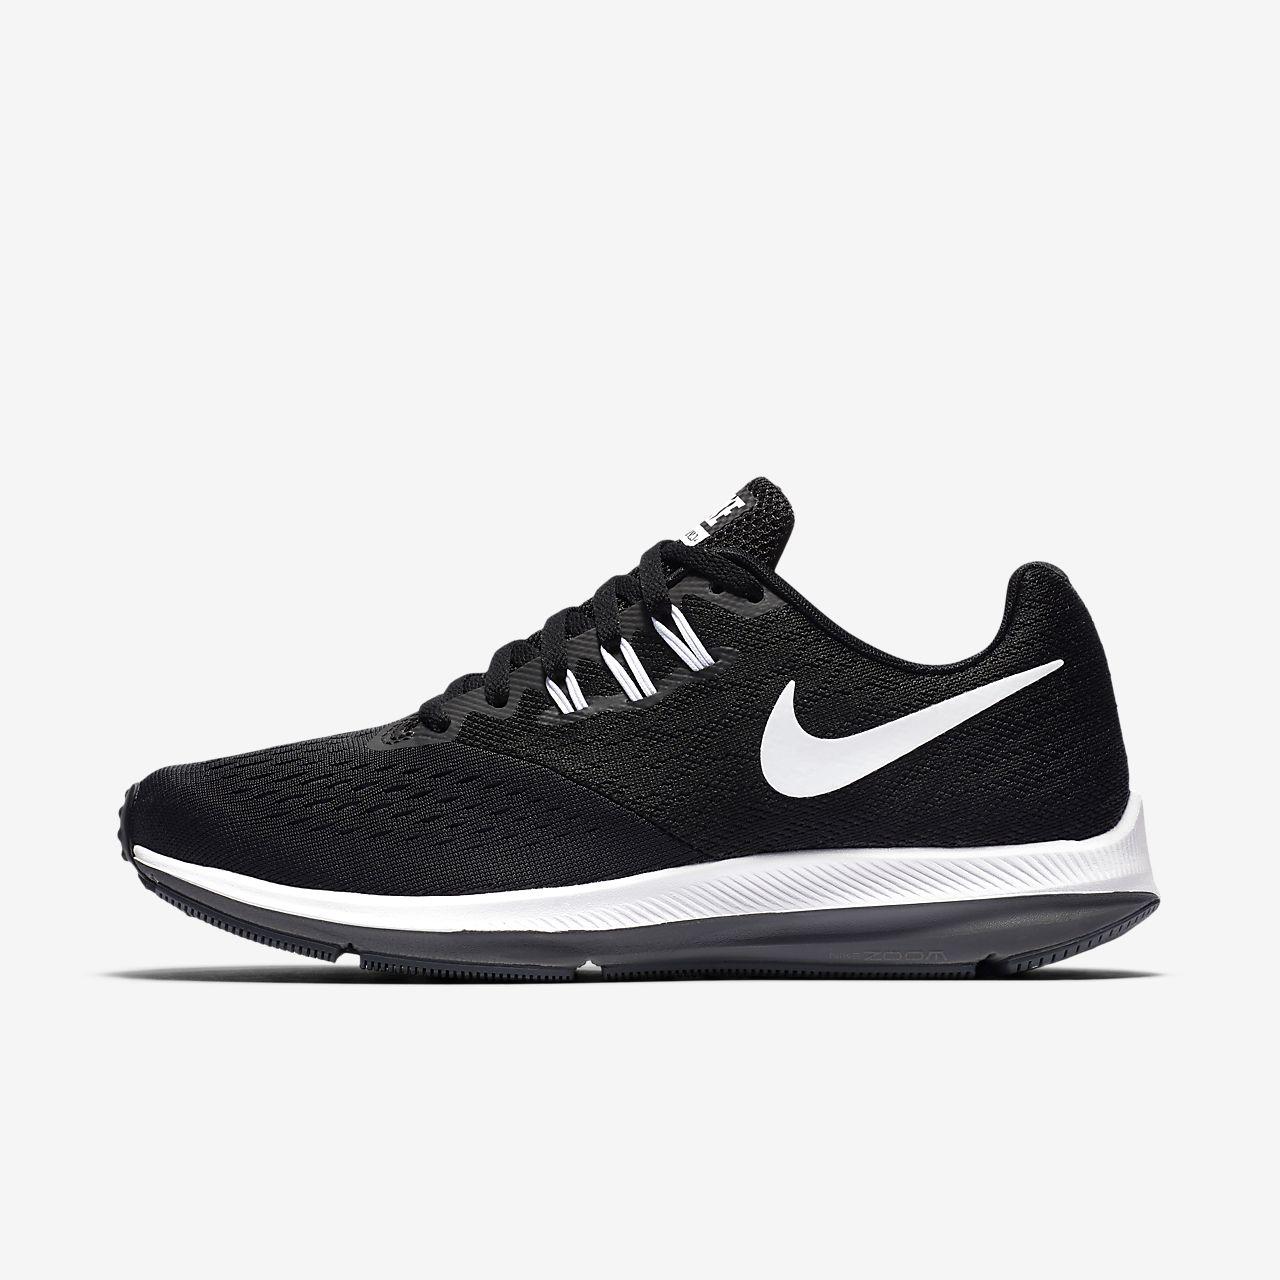 Femmes Zoom Winflo 4 Chaussures De Course, Noir Nike